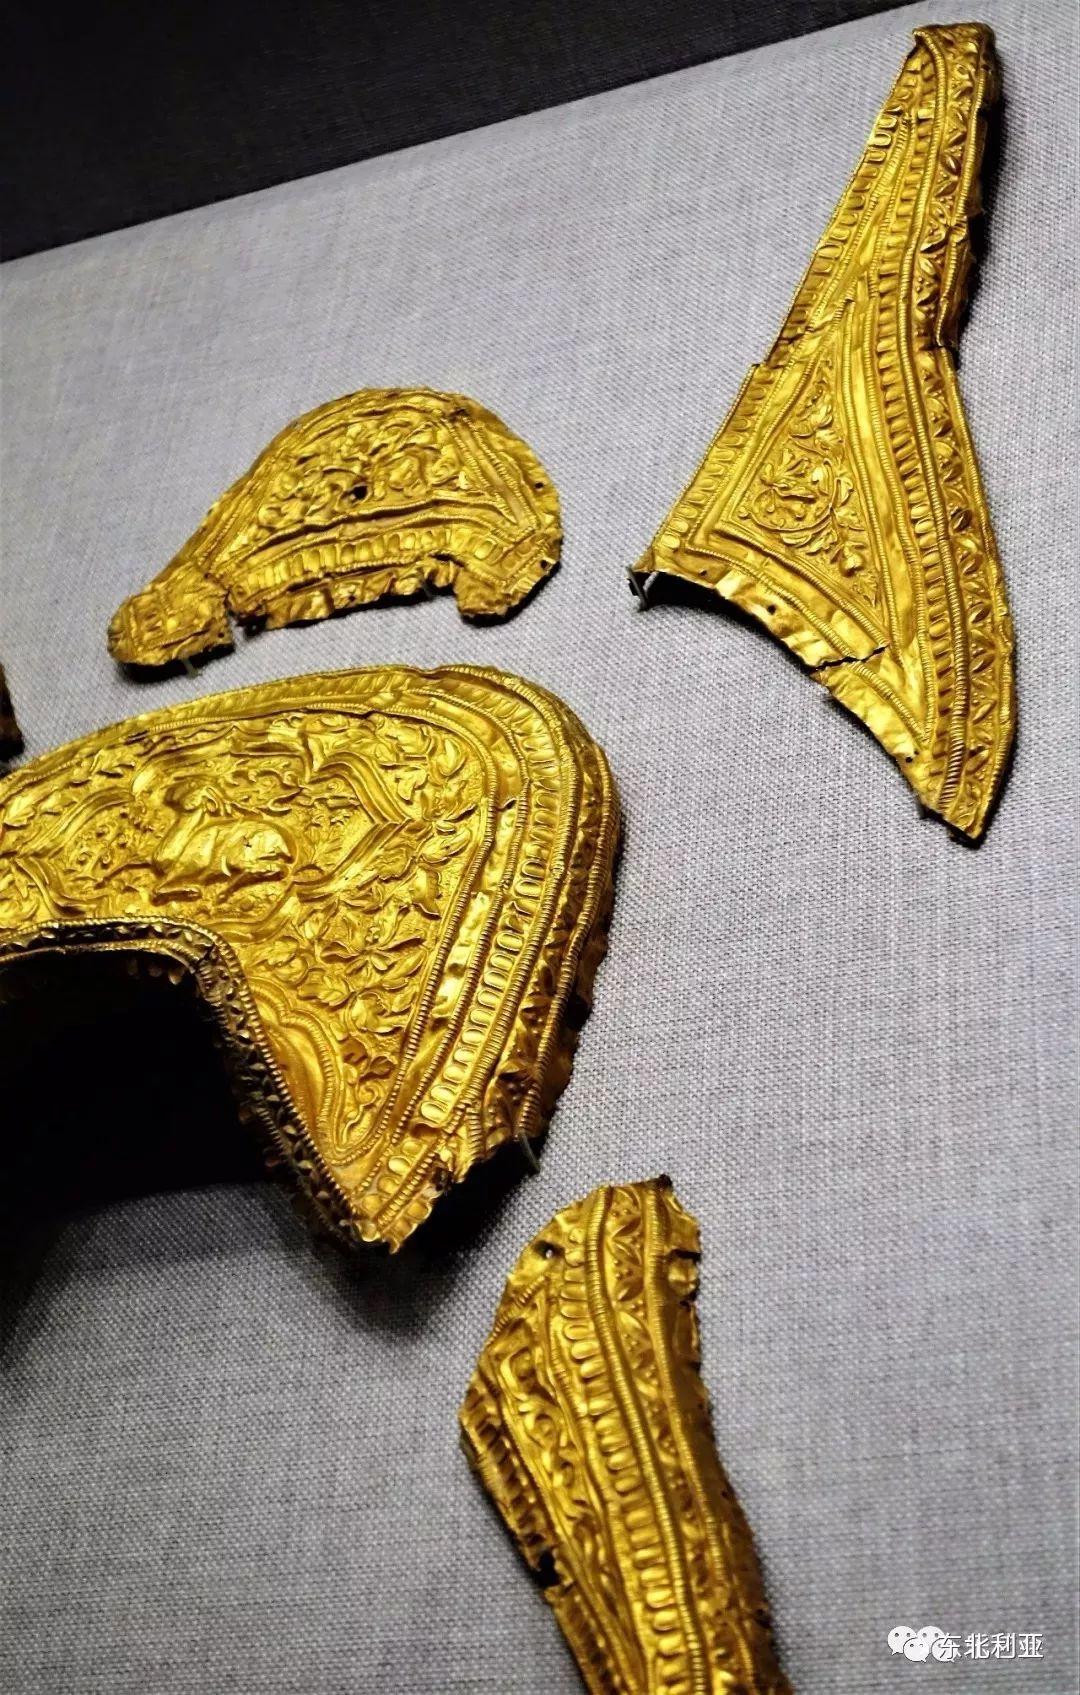 图集丨辽元时期的豪华马鞍与装饰 第1张